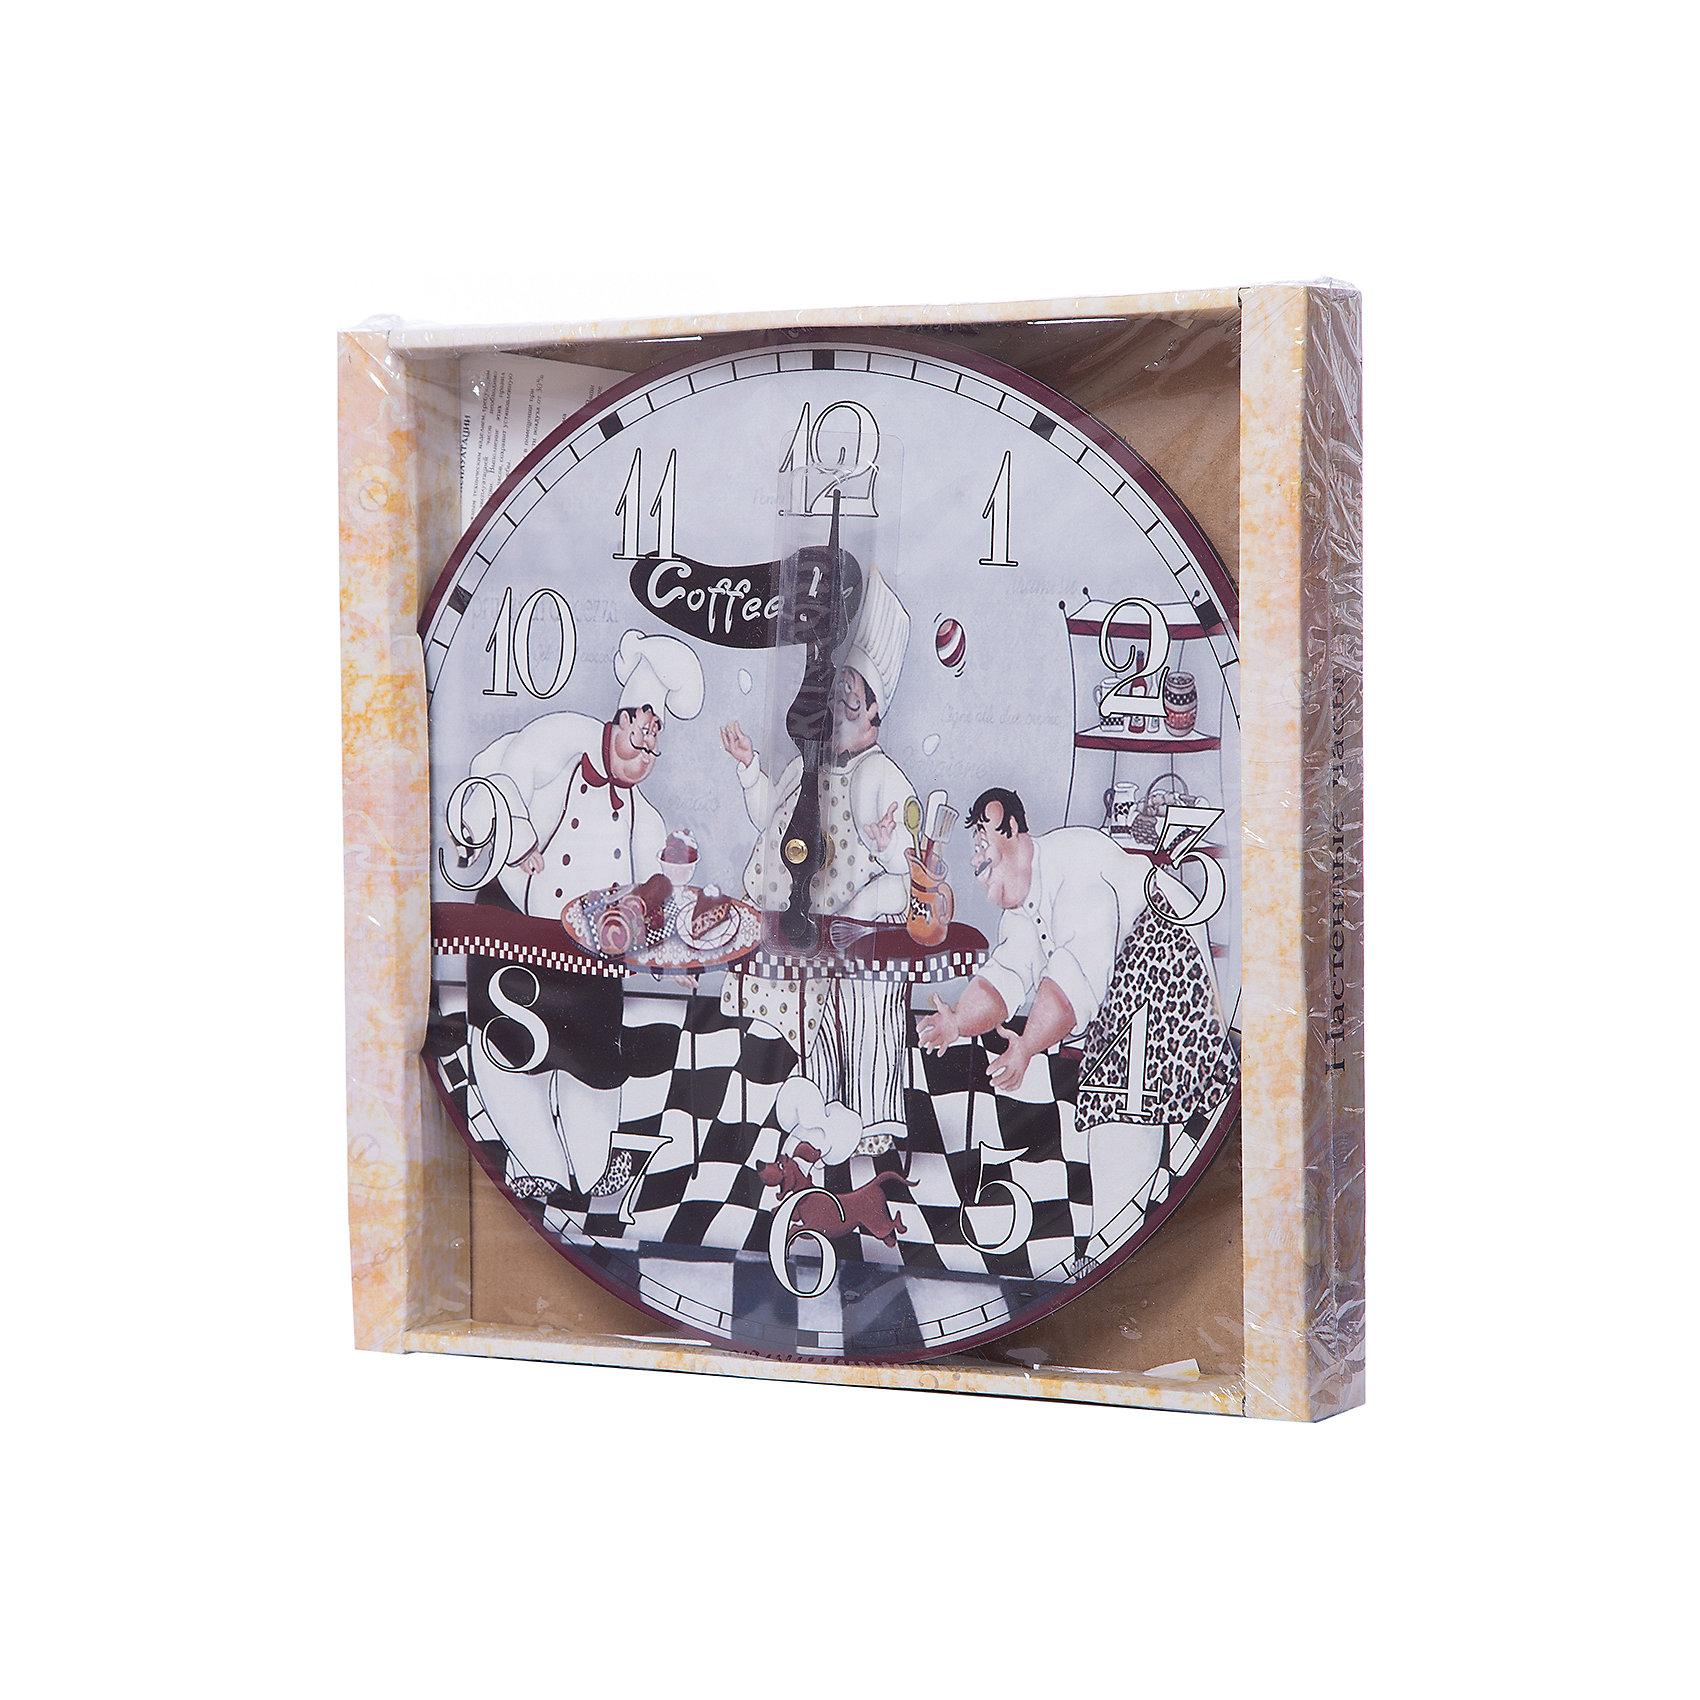 Часы настенные Время пить кофе, диаметр 34 смЧасы настенные Время пить кофе, диаметр 34 см.<br><br>Характеристики:<br><br>- Диаметр: 34 см.<br>- Две стрелки часовая и минутная<br>- Батарейка: 1 типа АА (в комплект не входит)<br>- Упаковка картонная коробка<br><br>Кварцевые настенные часы с механизмом плавного хода помимо своего прямого назначения – показывать точное время – станут важным элементом декора Вашего дома или квартиры. Открытый циферблат часов выполнен из листа оргалита с декоративным покрытием, оформлен изображением забавной жанровой сценки. Часовая и минутная стрелки металлические. Часовой механизм закрыт пластиковым корпусом. Часы будут ярким акцентом в интерьере и создадут дополнительный уют и хорошее настроение.<br><br>Часы настенные Время пить кофе, диаметр 34 см можно купить в нашем интернет-магазине.<br><br>Ширина мм: 345<br>Глубина мм: 340<br>Высота мм: 45<br>Вес г: 2500<br>Возраст от месяцев: 72<br>Возраст до месяцев: 144<br>Пол: Унисекс<br>Возраст: Детский<br>SKU: 5089819